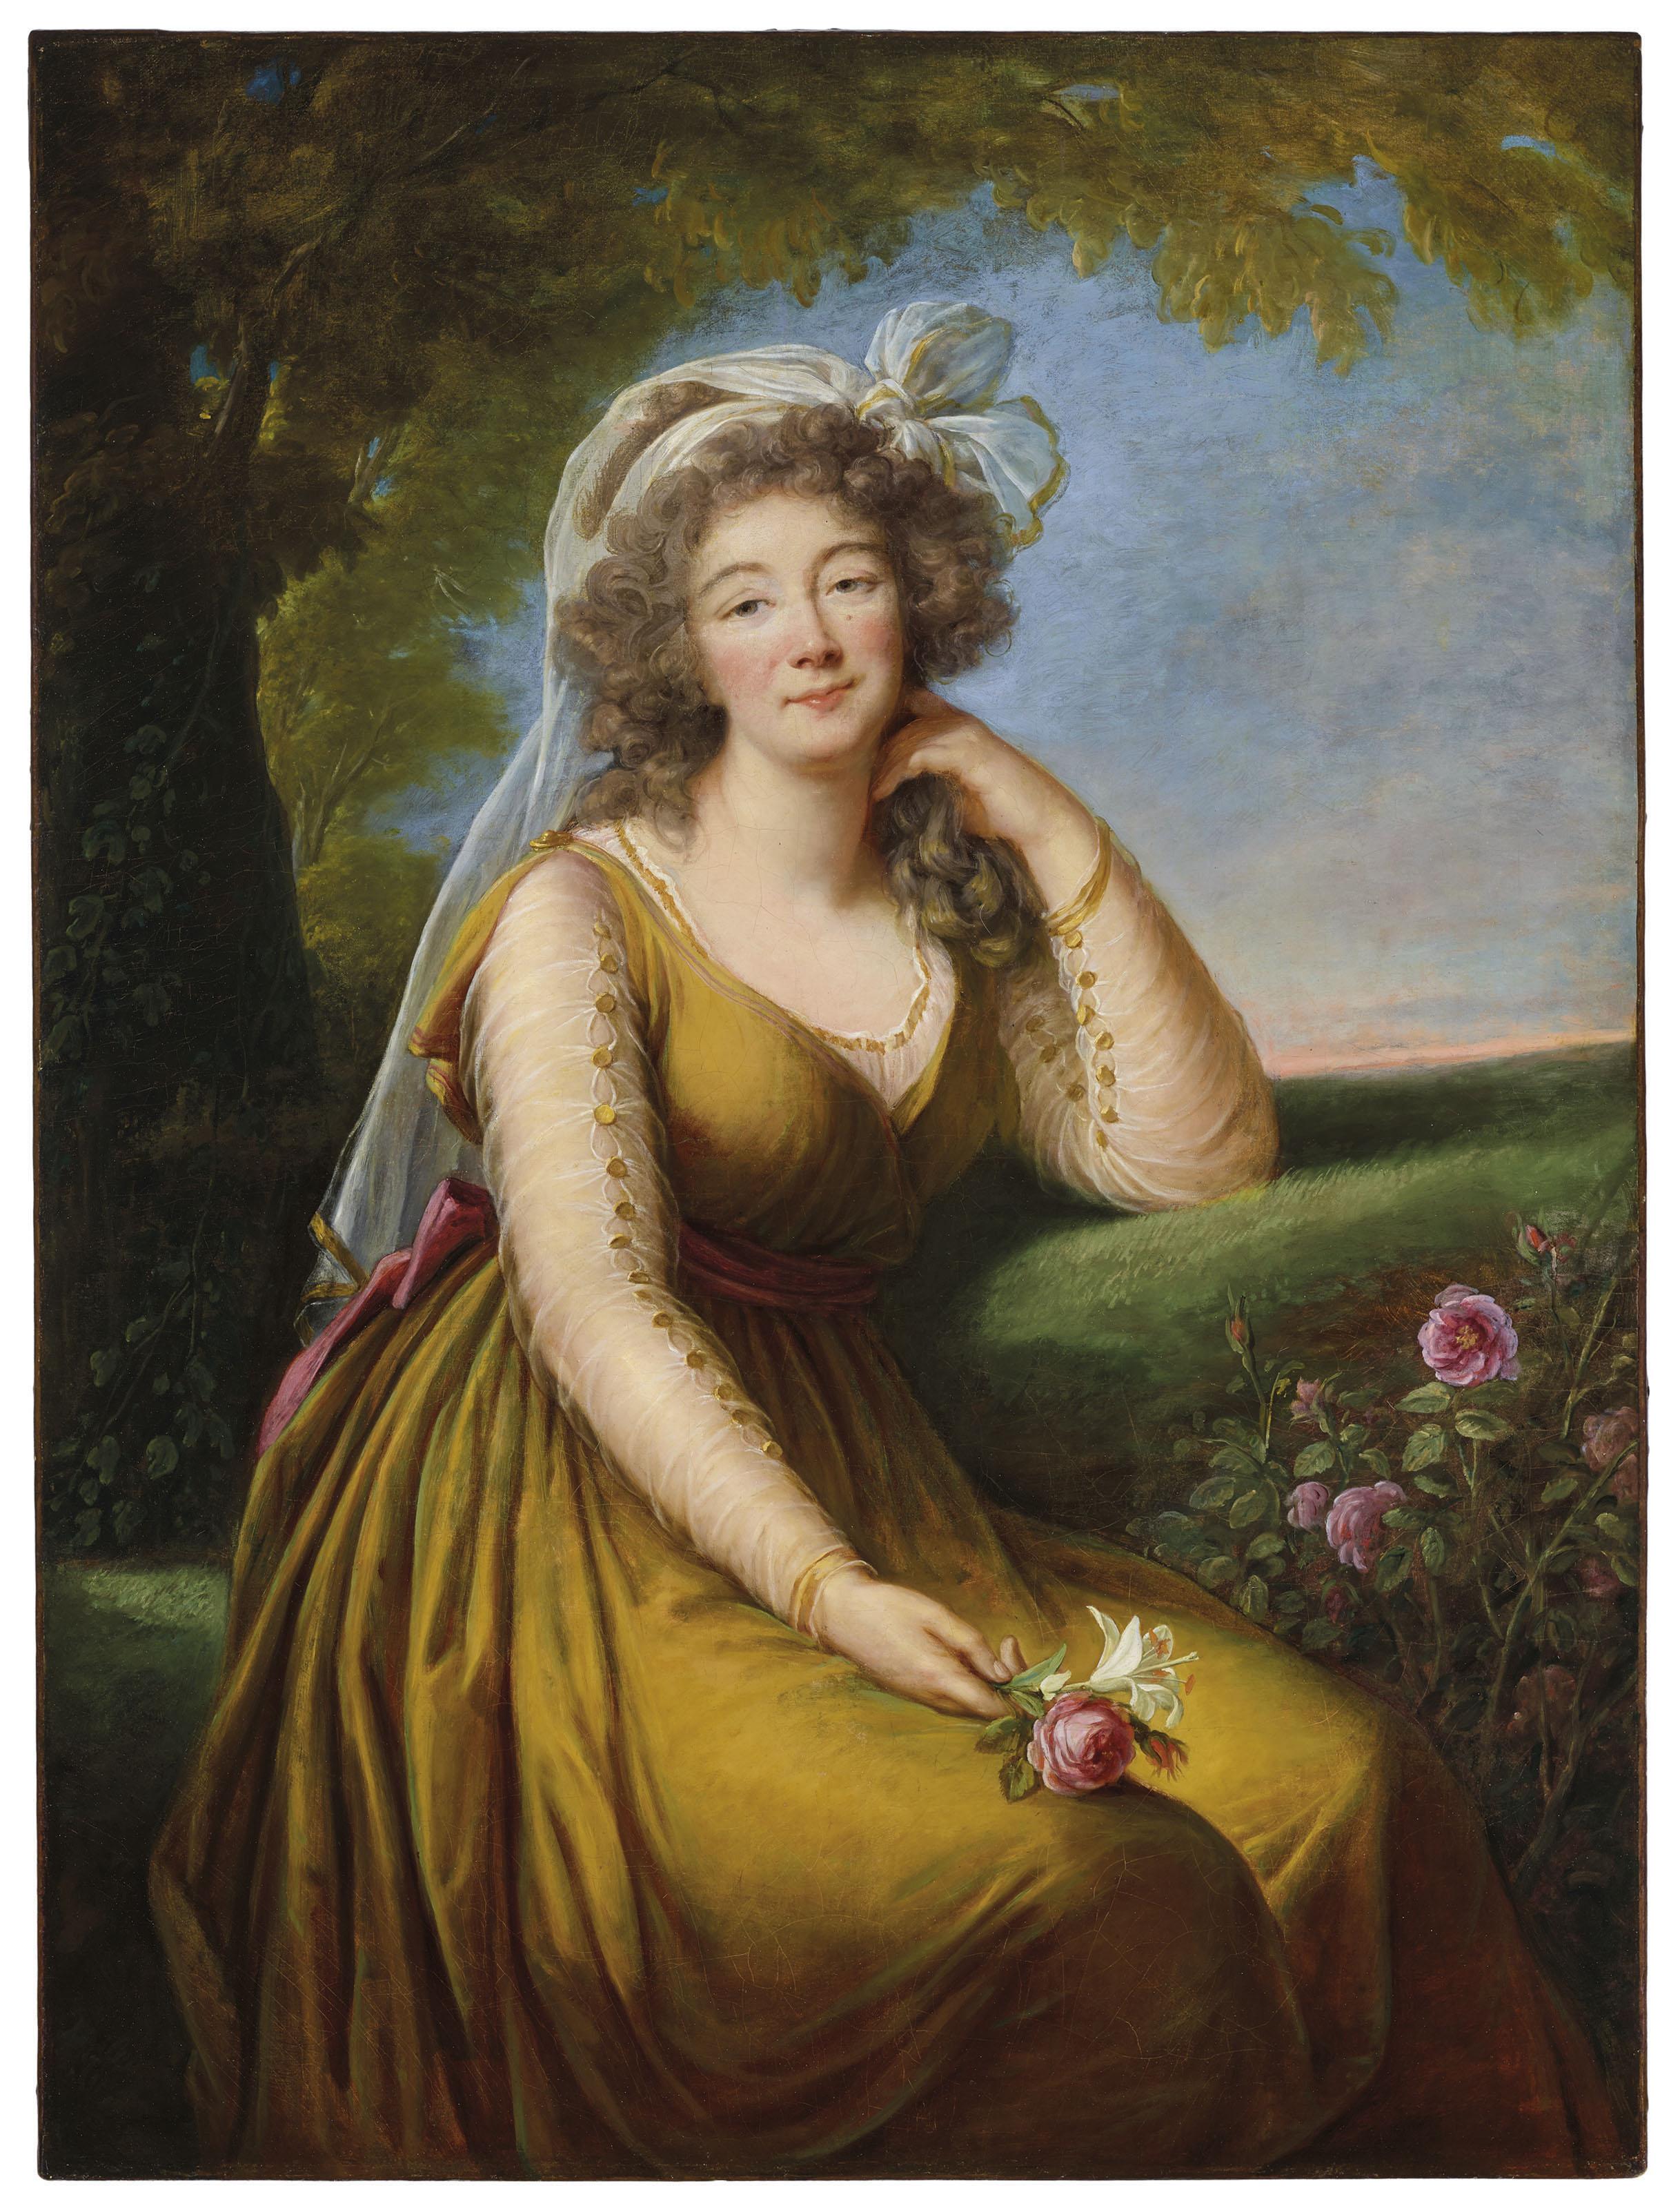 Élisabeth Vigée Le Brun, Portrait de Madame du Barry, 1789, huile sur toile, image © Christie's